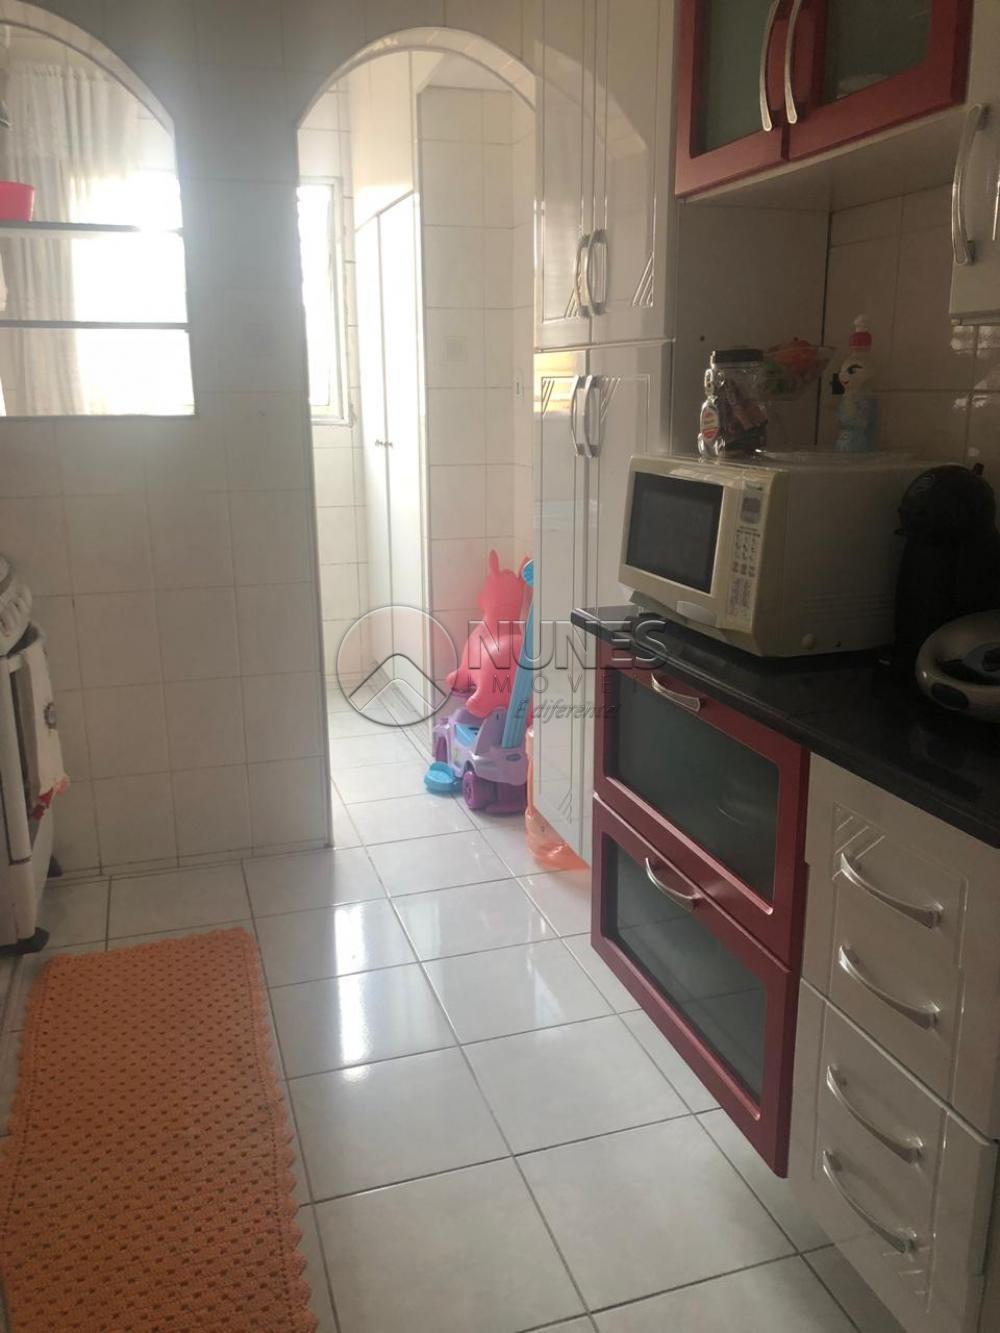 Comprar Apartamento / Padrão em Osasco apenas R$ 215.000,00 - Foto 8